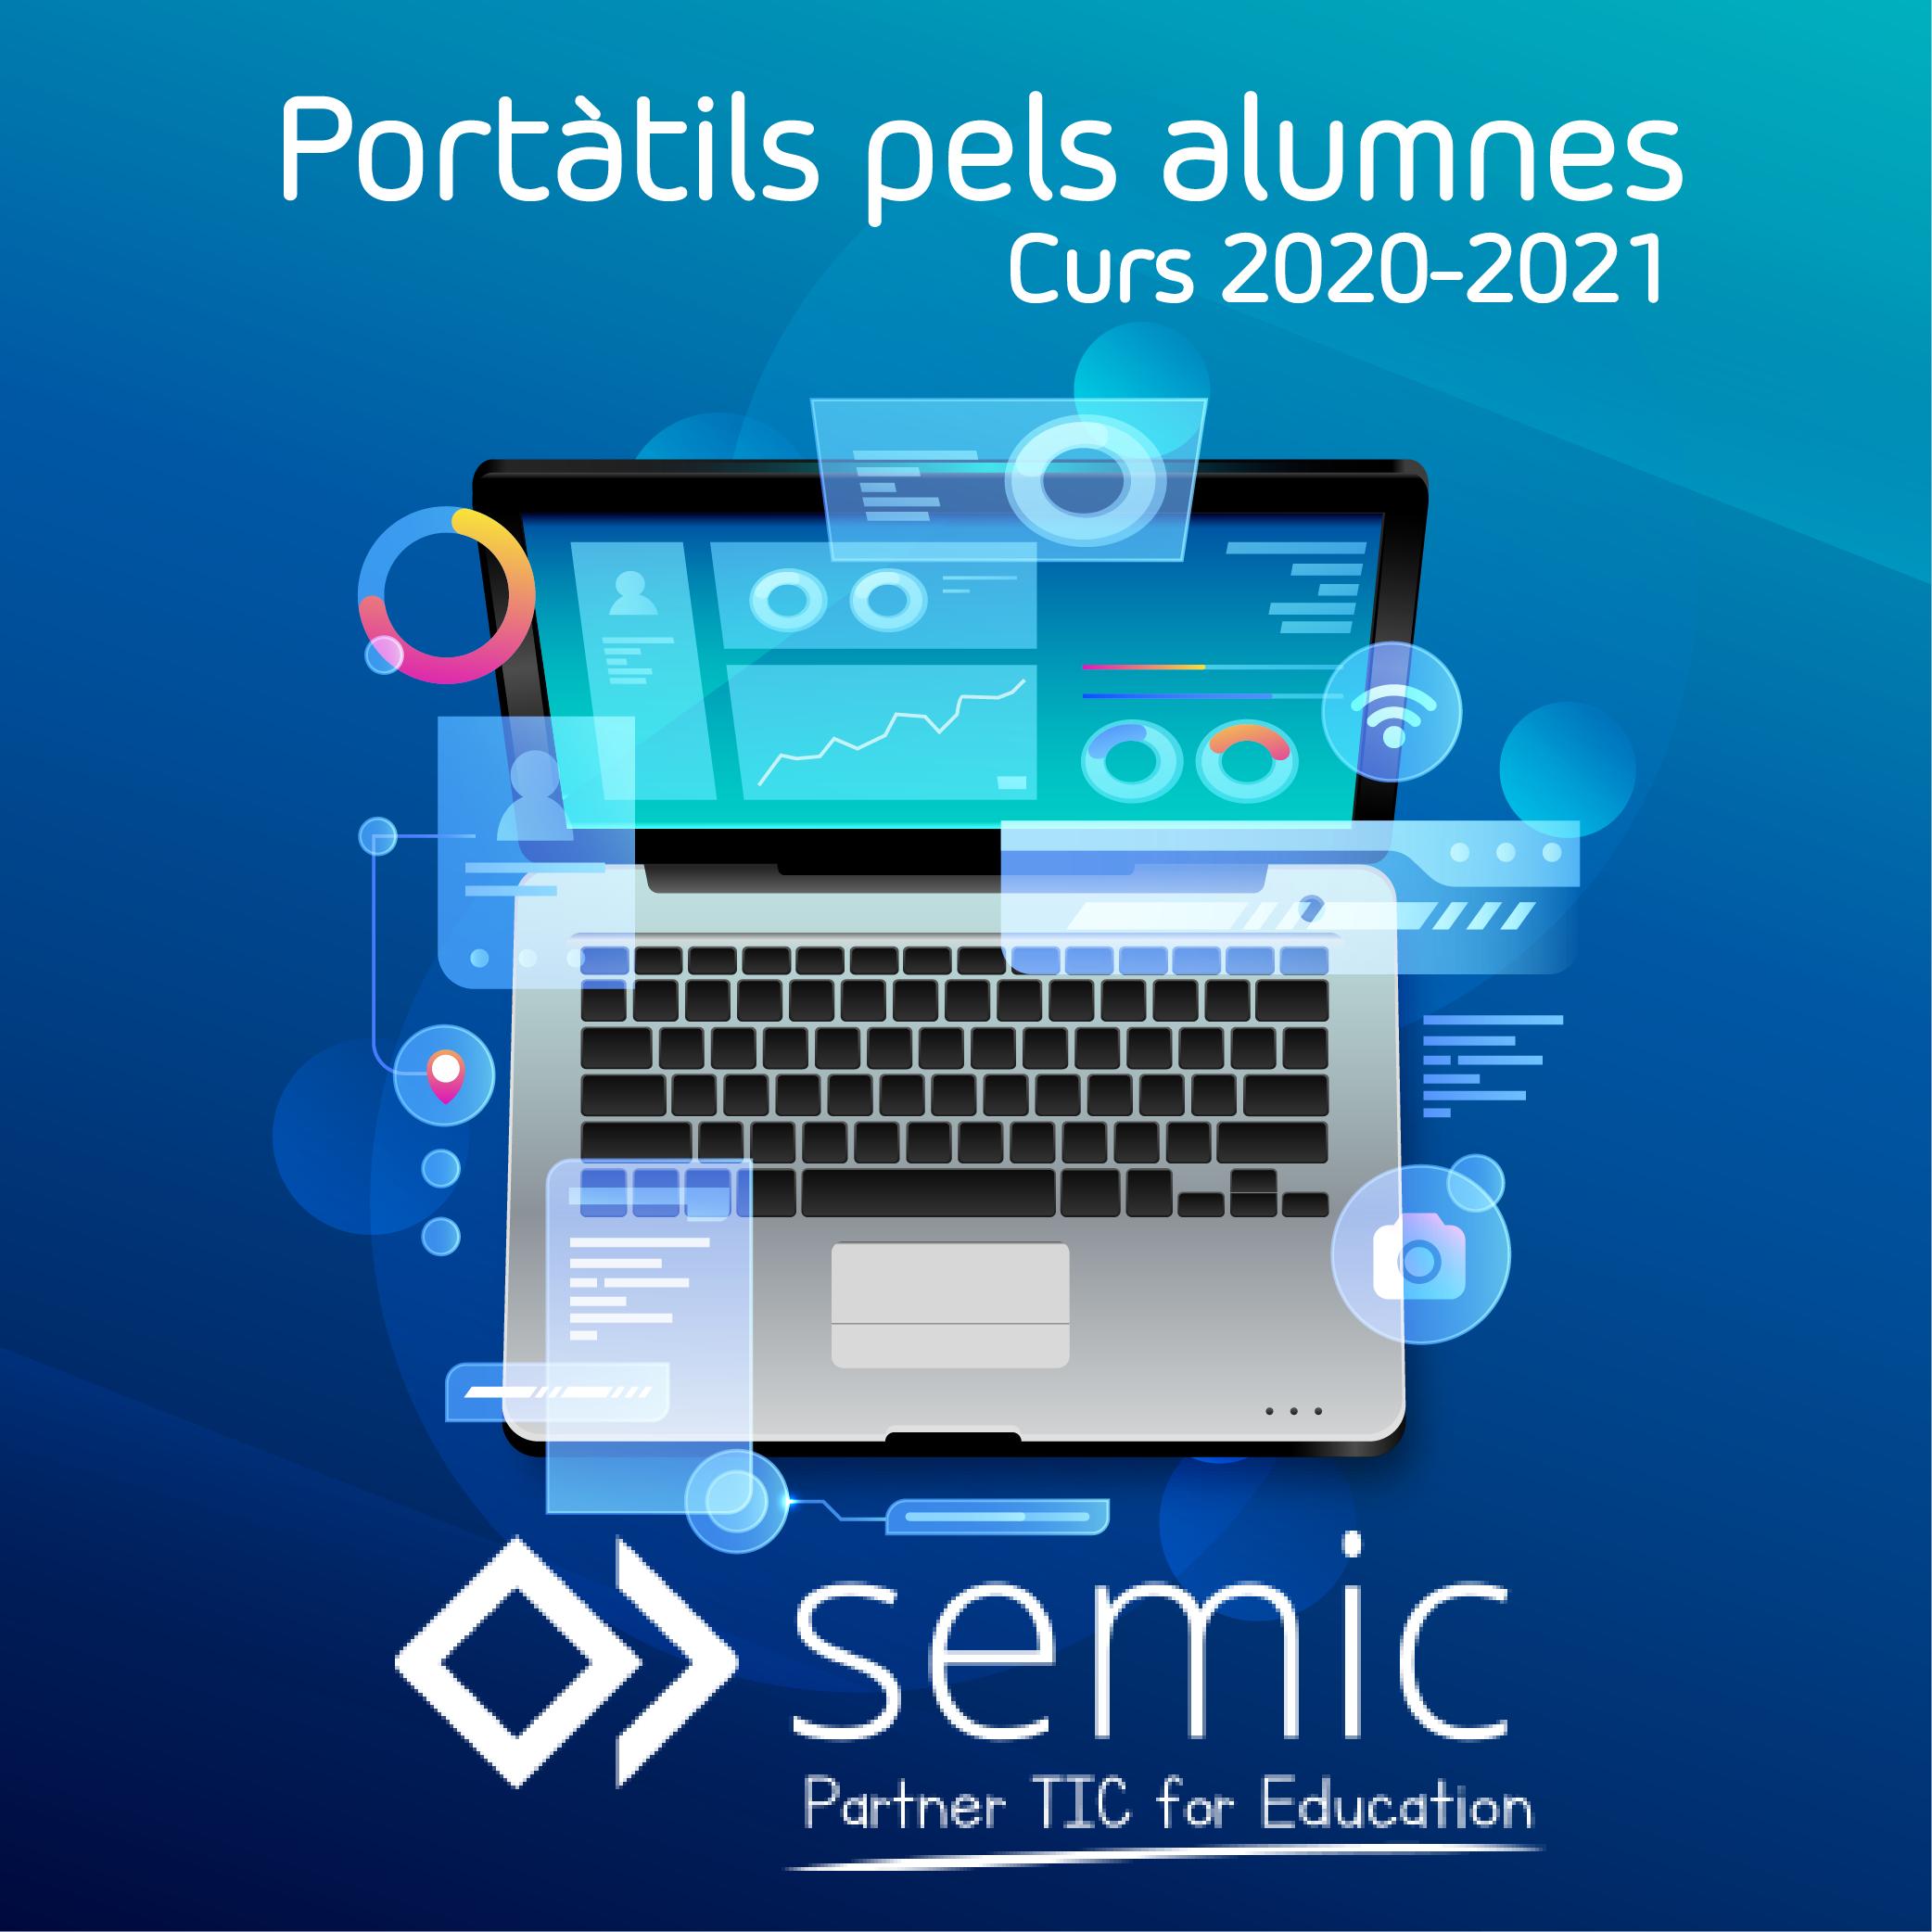 Portàtils pels alumnes curs 2020-2021